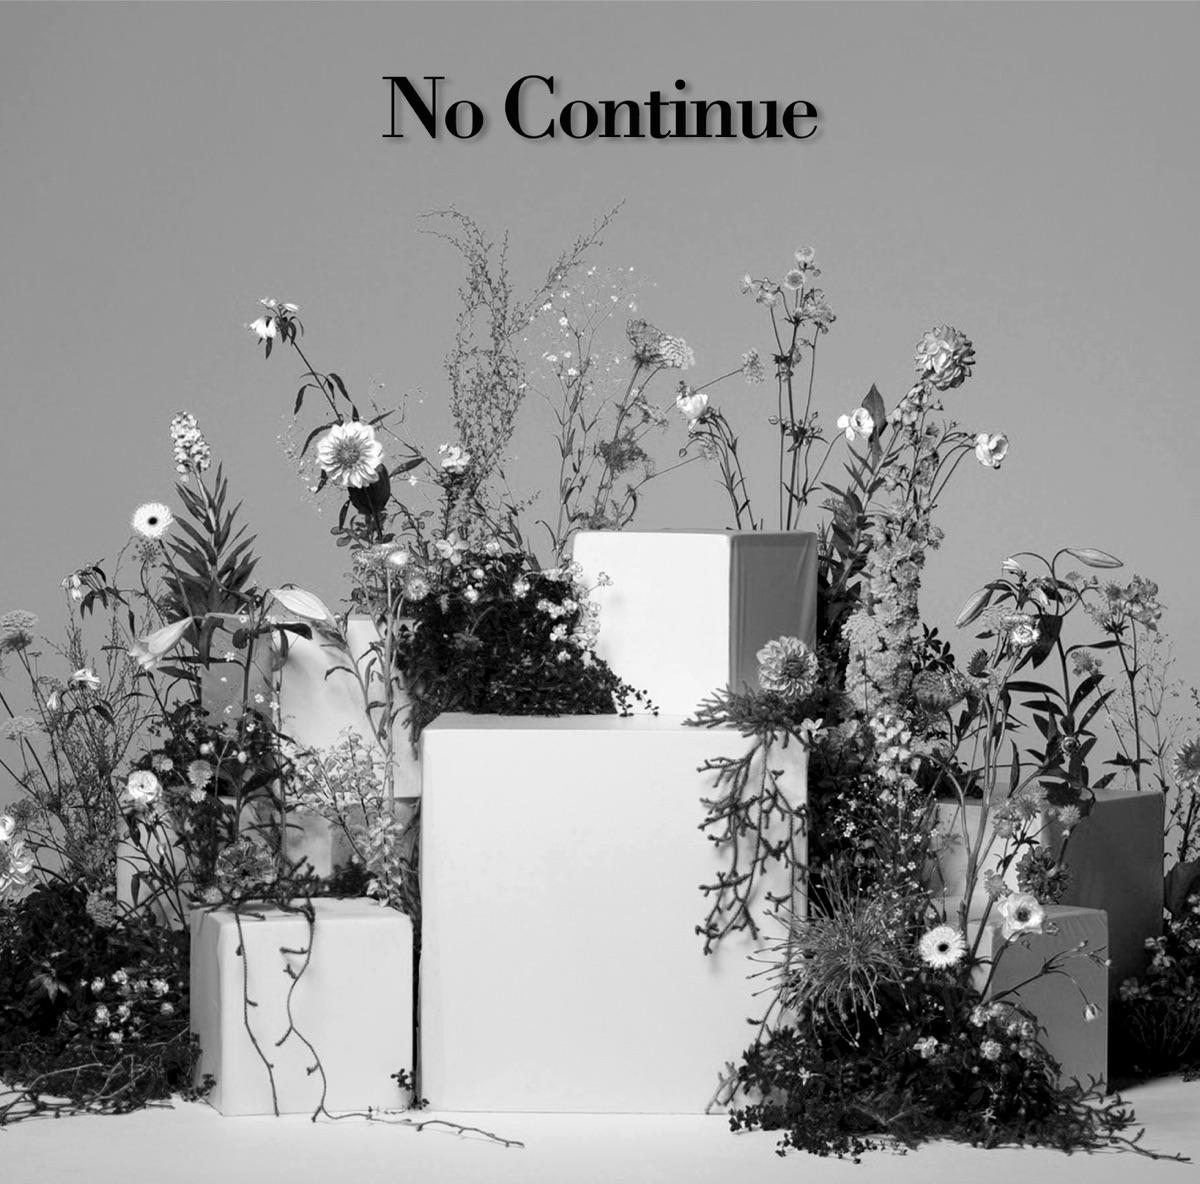 『鬼頭明里 - No Continue』収録の『No Continue』ジャケット